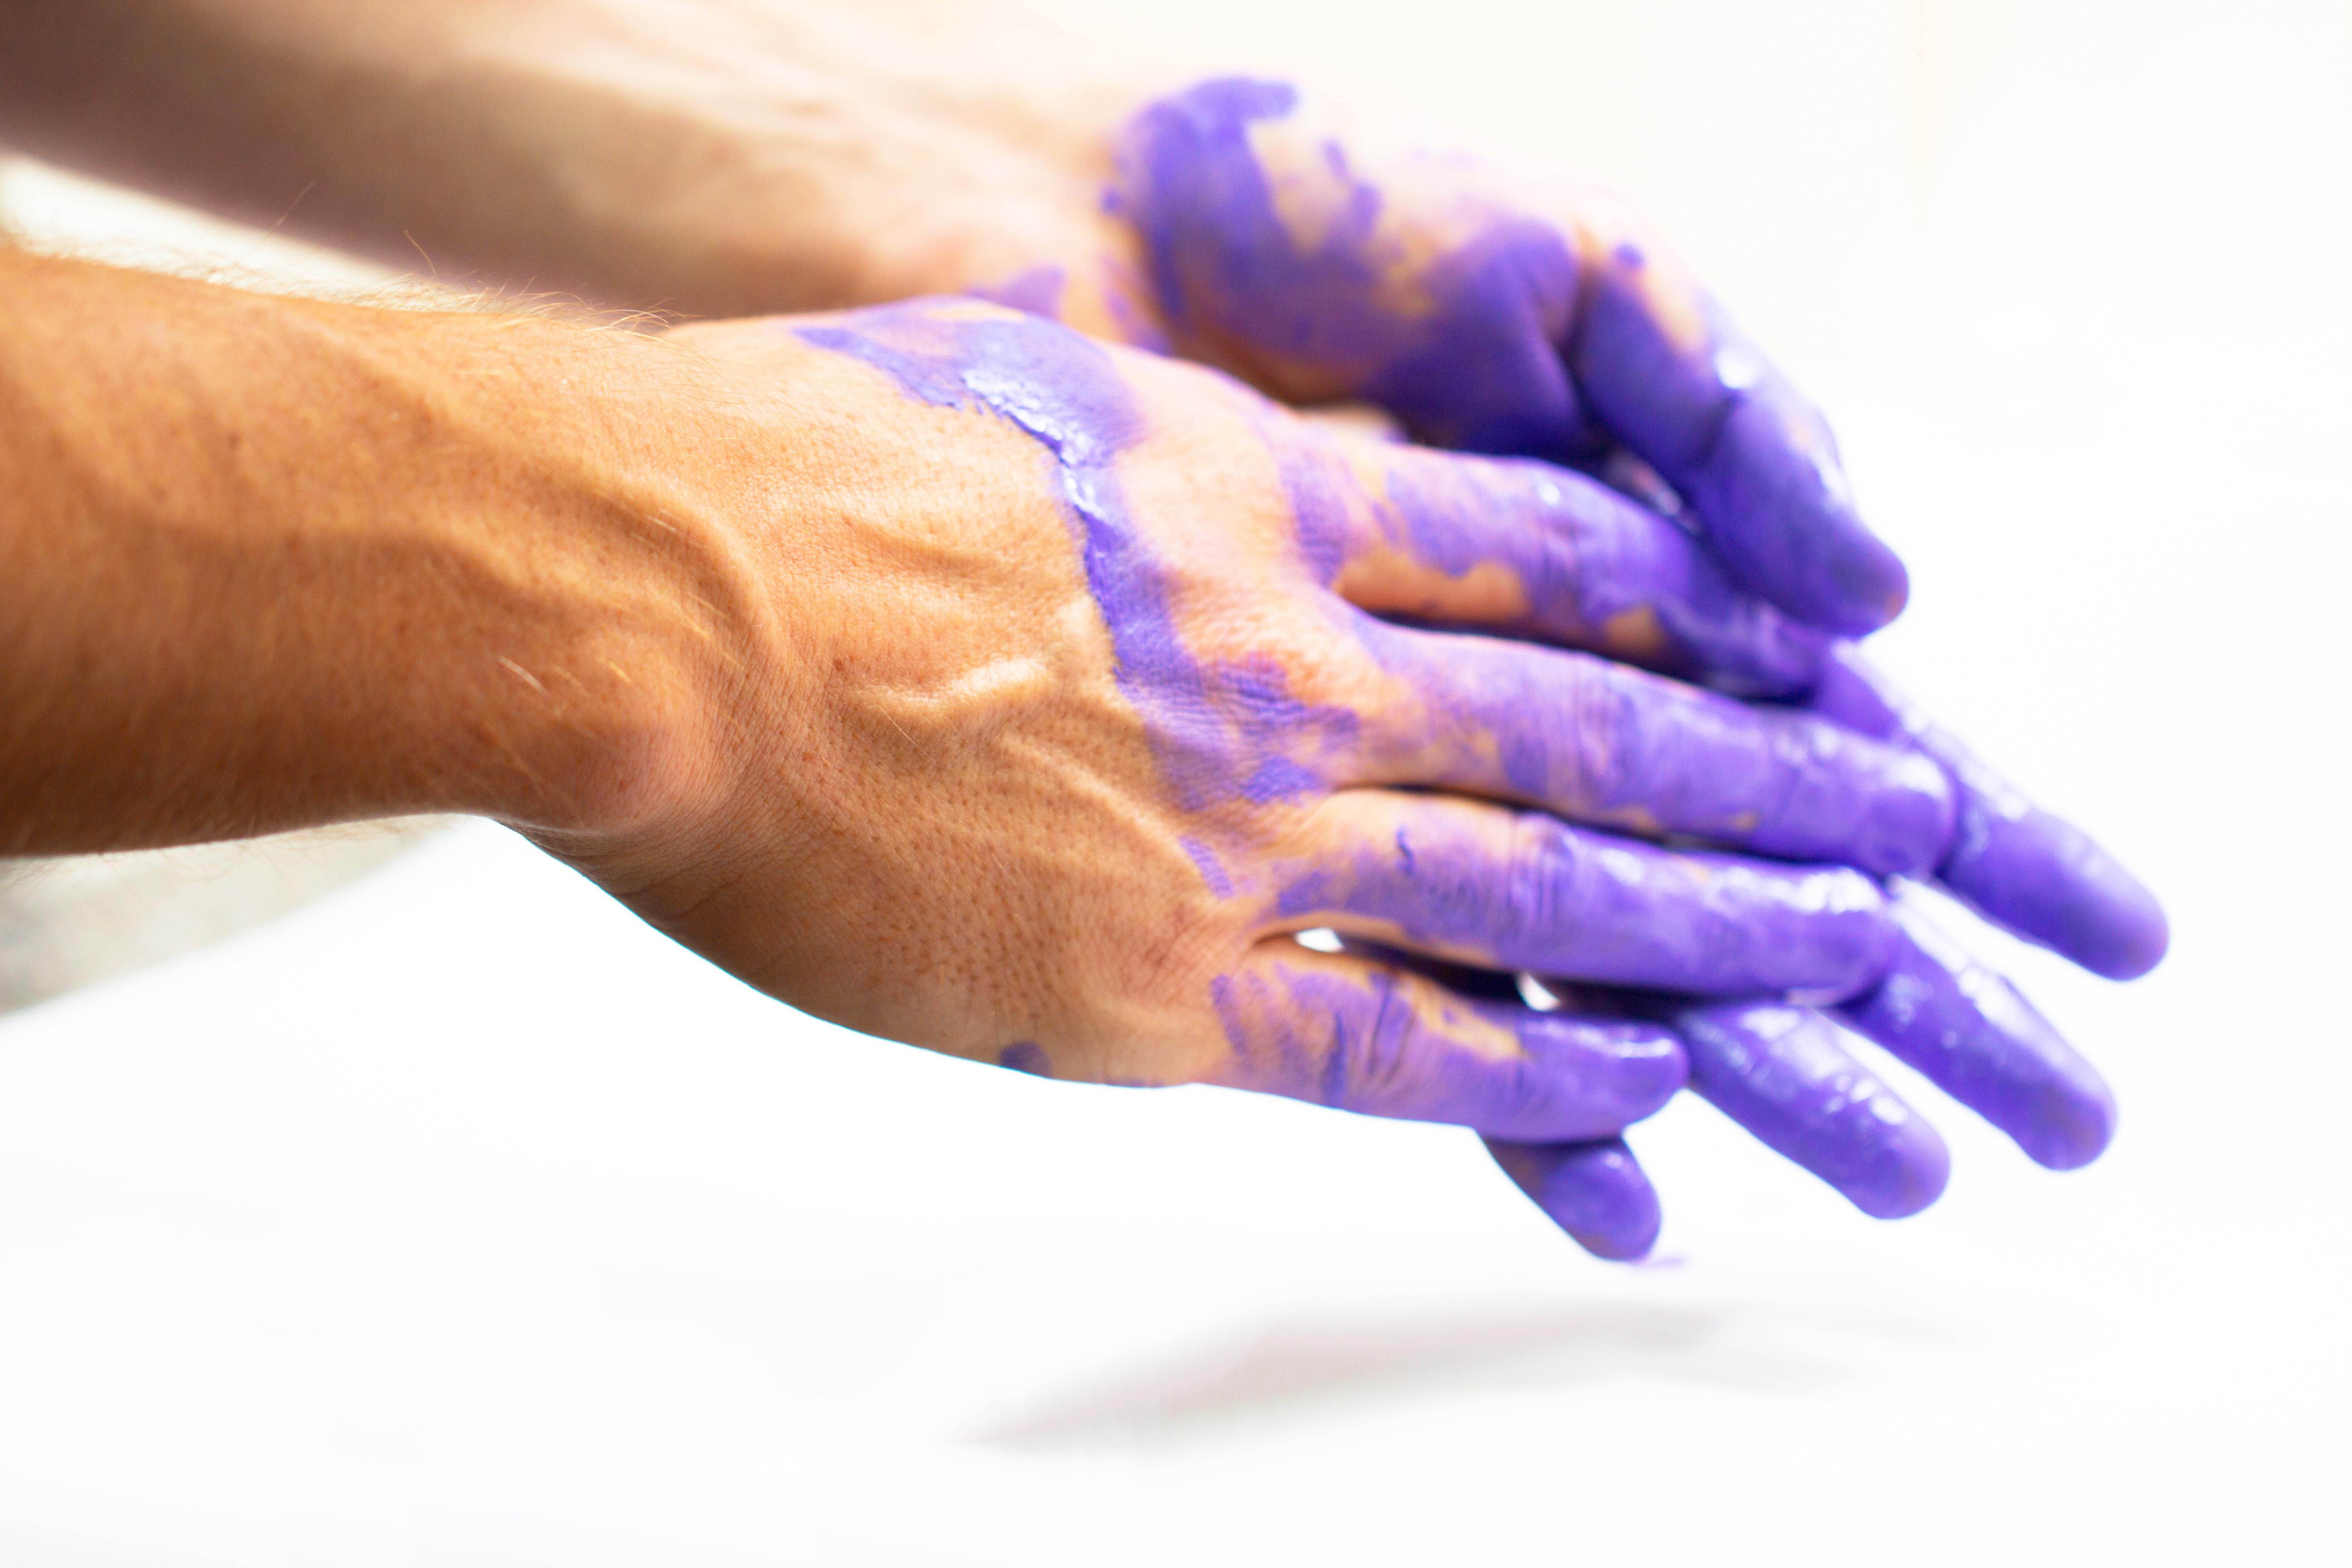 windlichter Workshops - Hände mit Lila Farbe